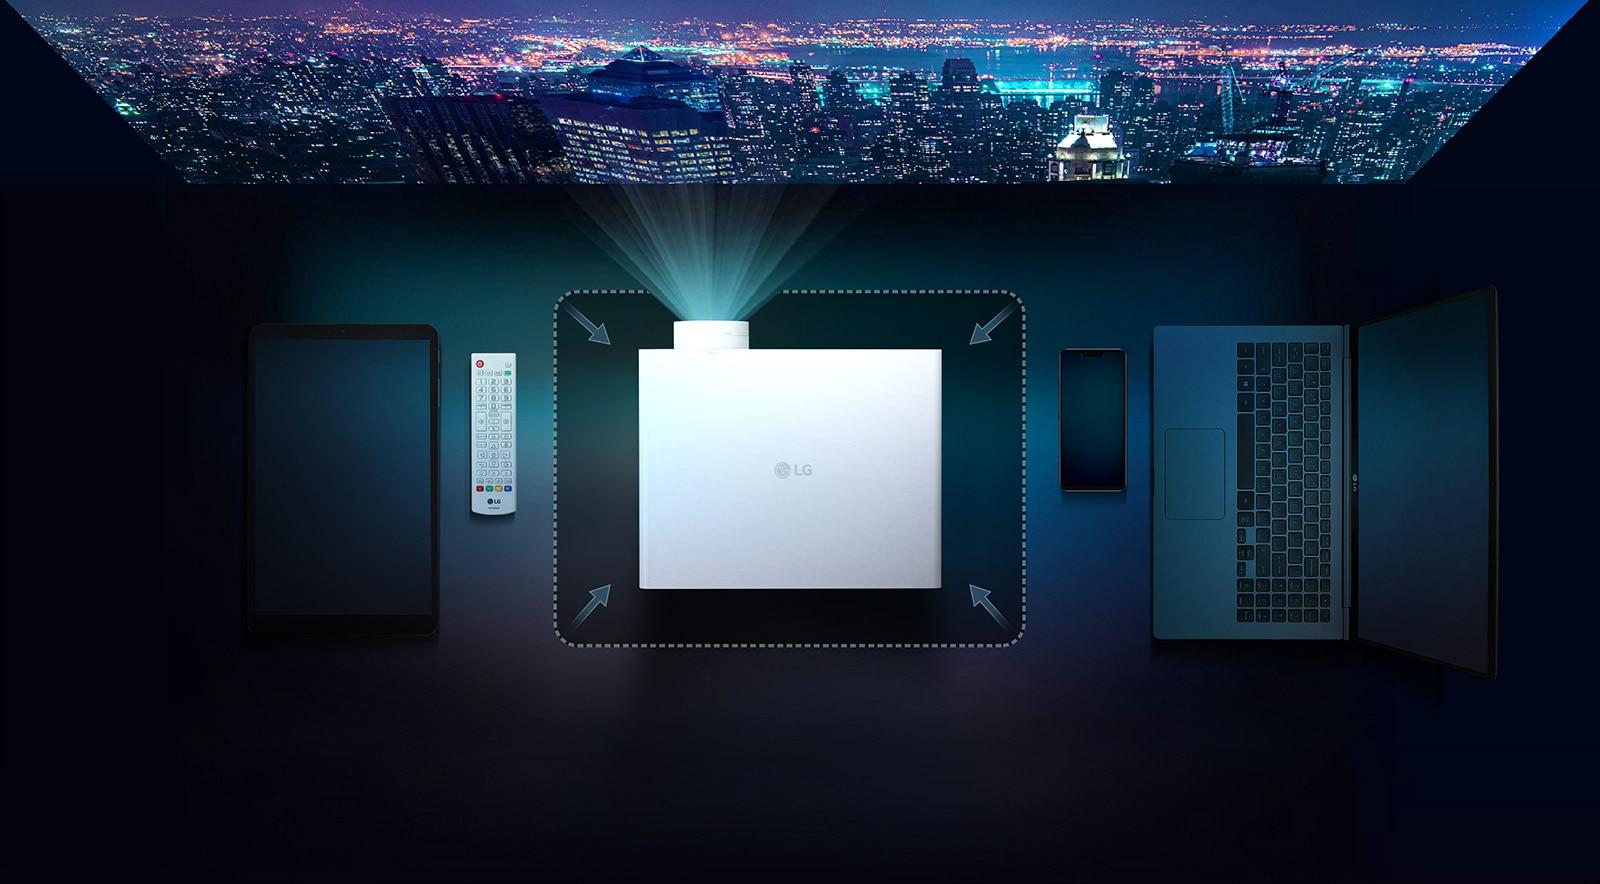 El proyector más pequeño de 4K de 5,000 ANSI: Tamaño perfectamente compacto